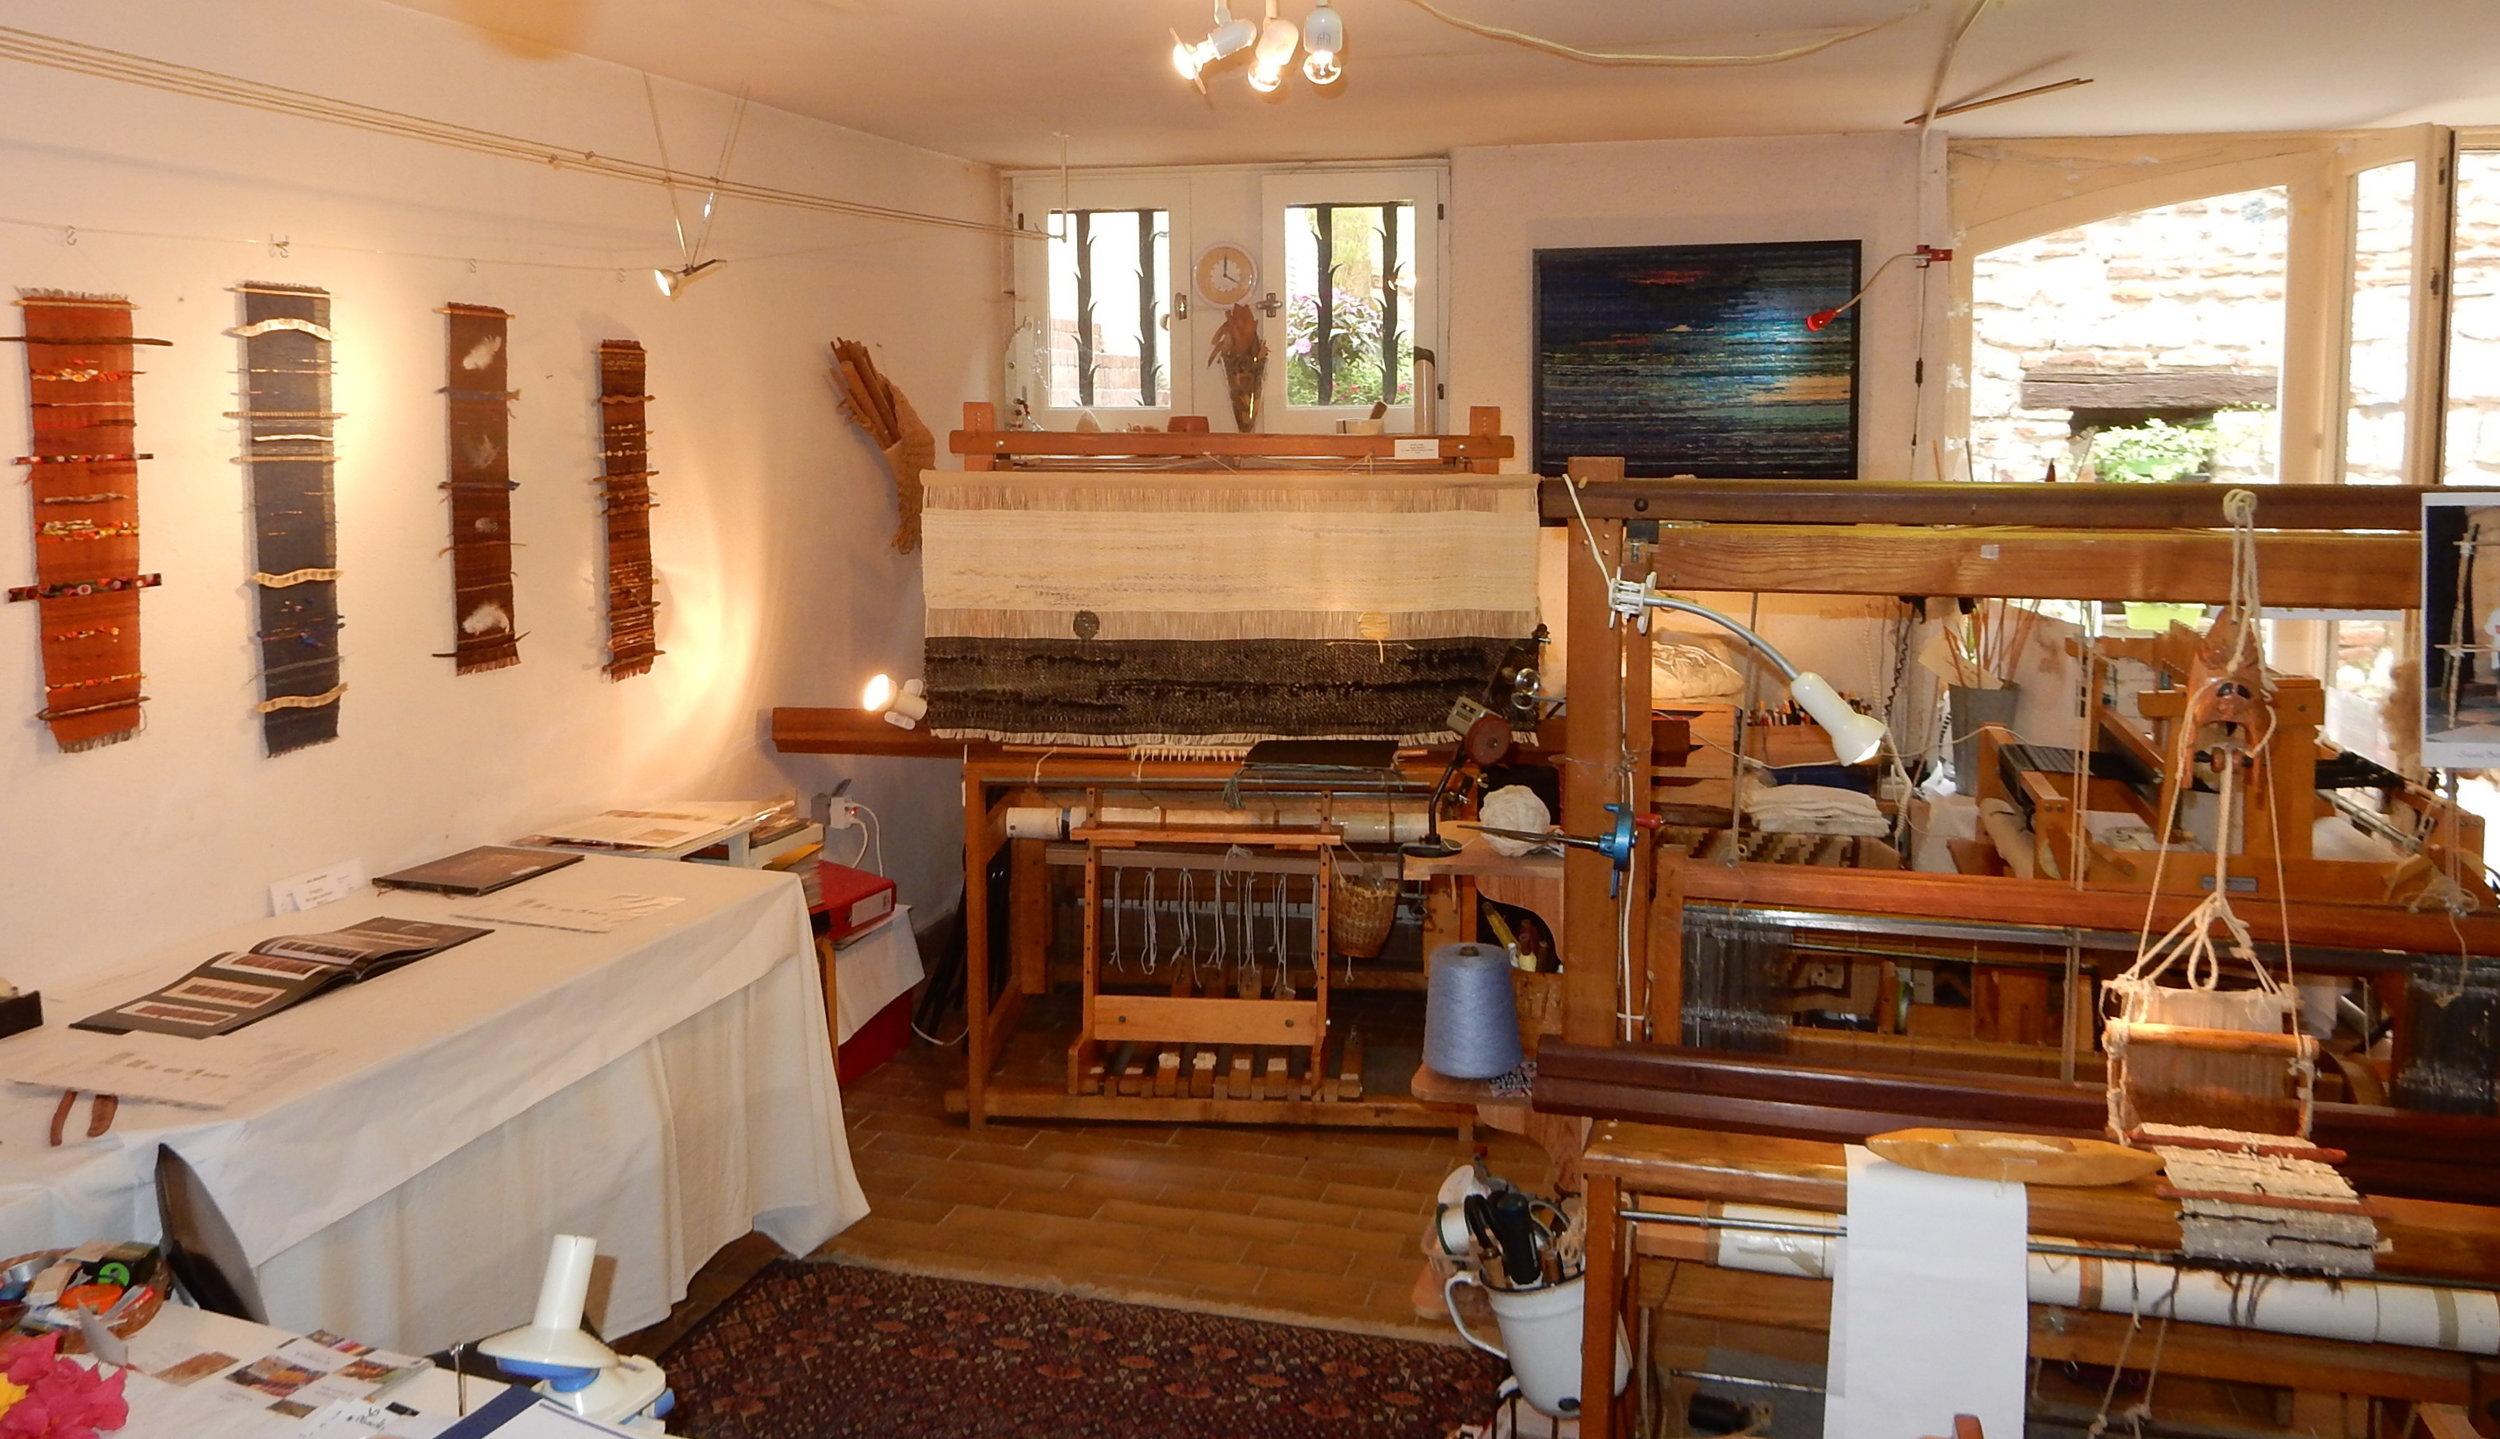 l'atelier de tissage Sylvie Boyer